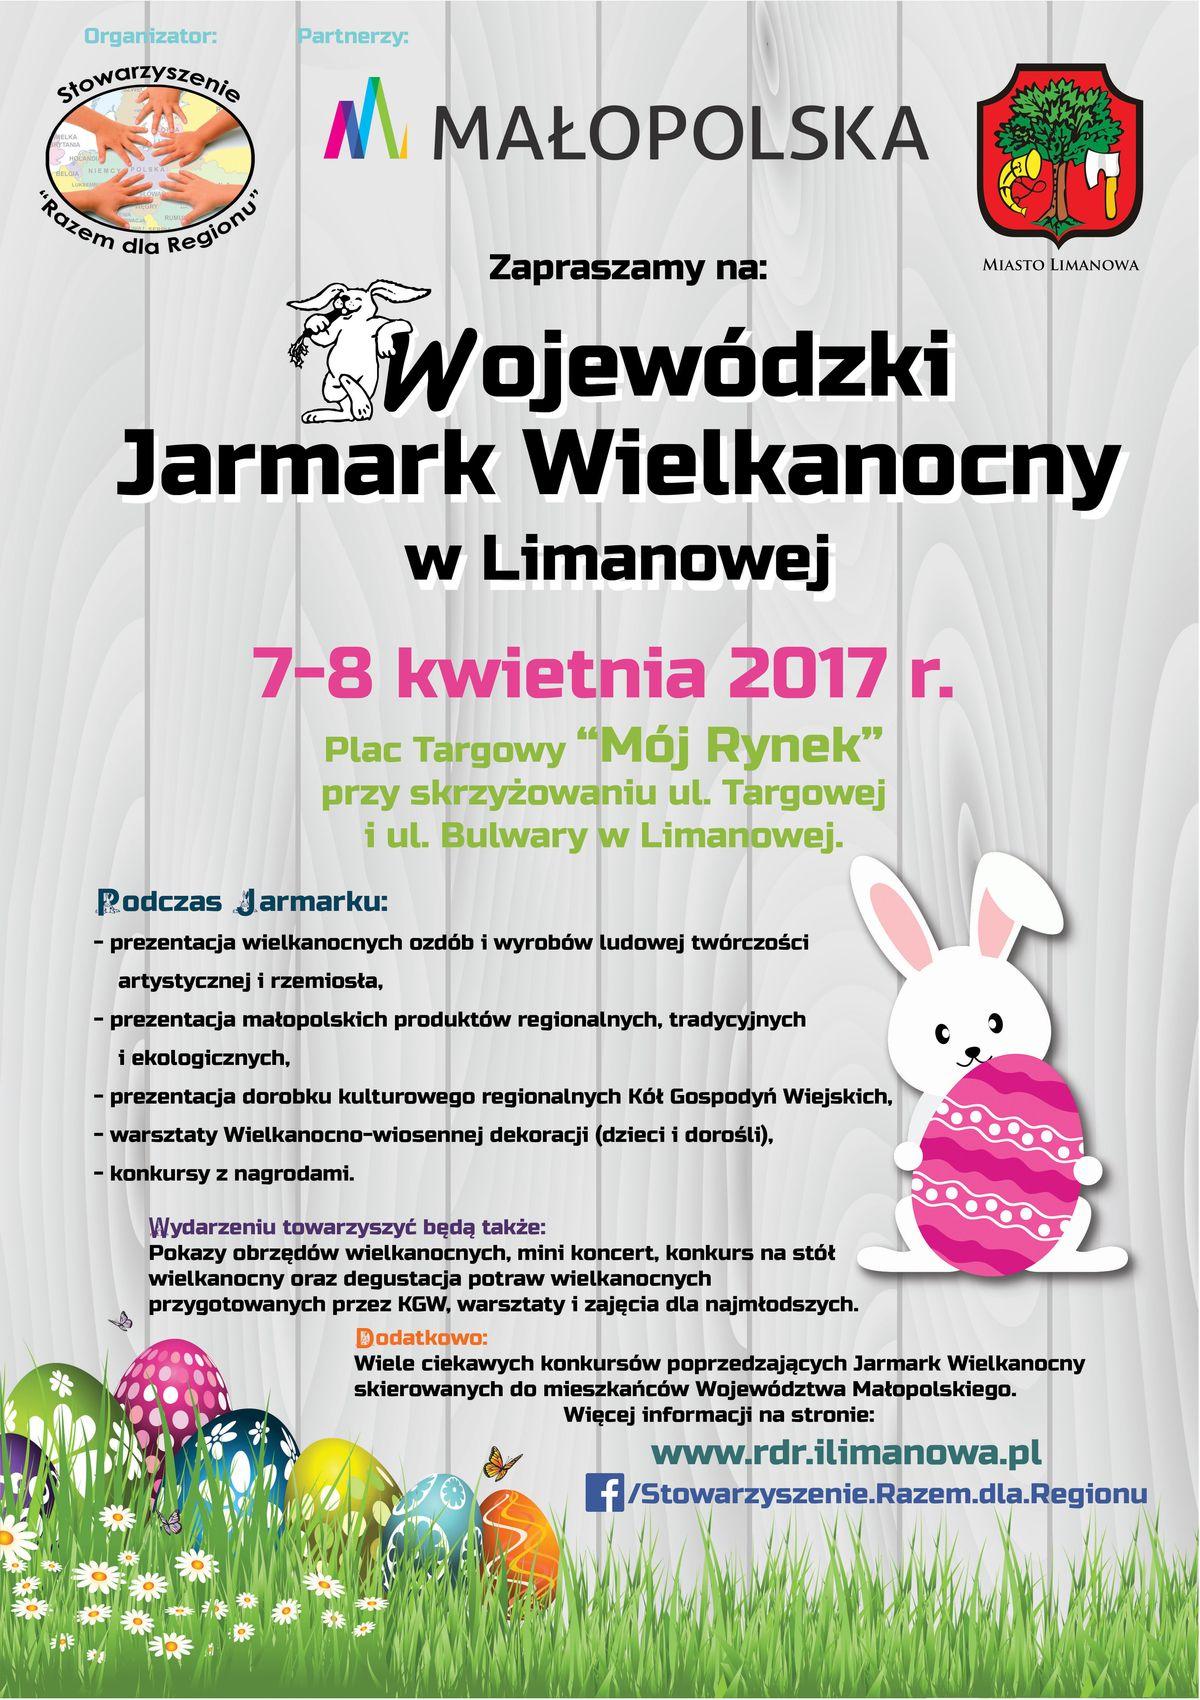 Wojewódzki Jarmark Wielkanocy w Limanowej